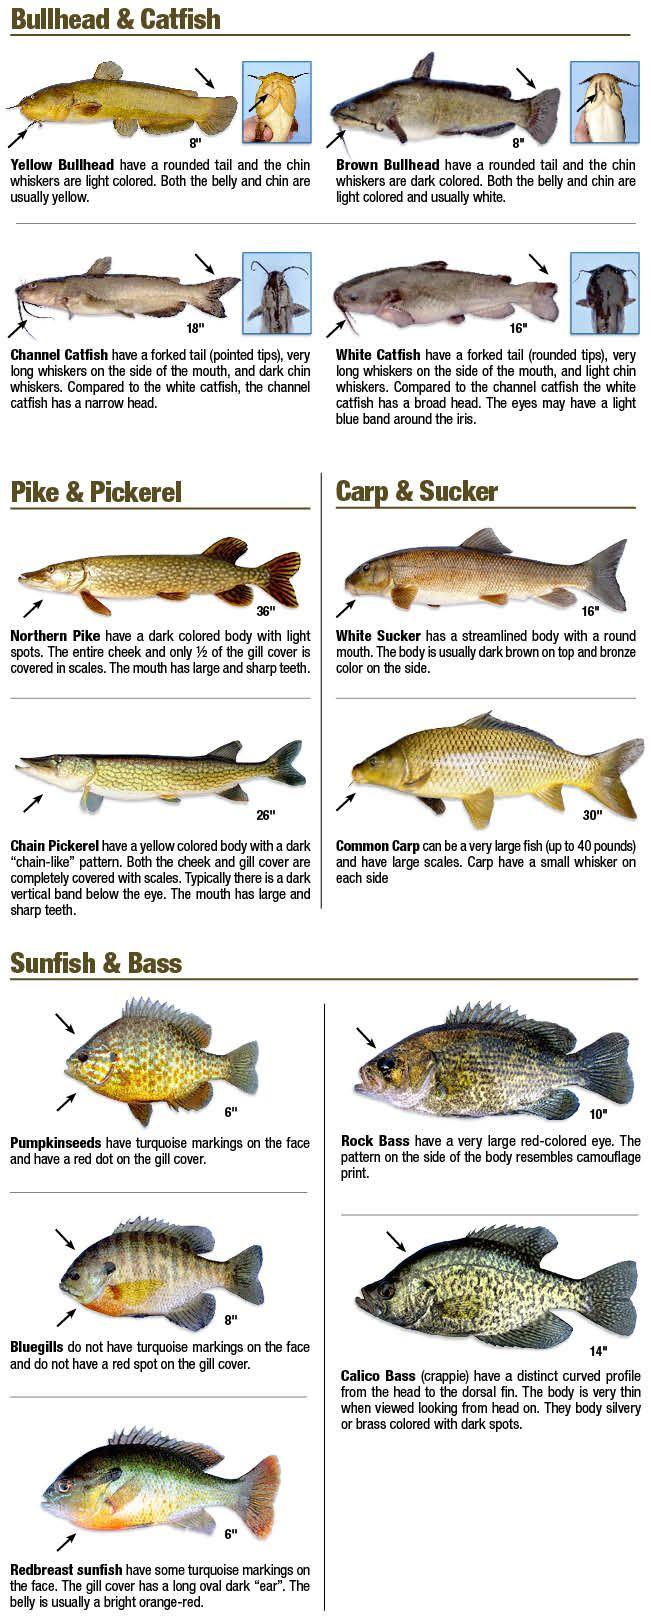 43060 Jpg 651 1623 Fishing Tips Fish Saltwater Fishing